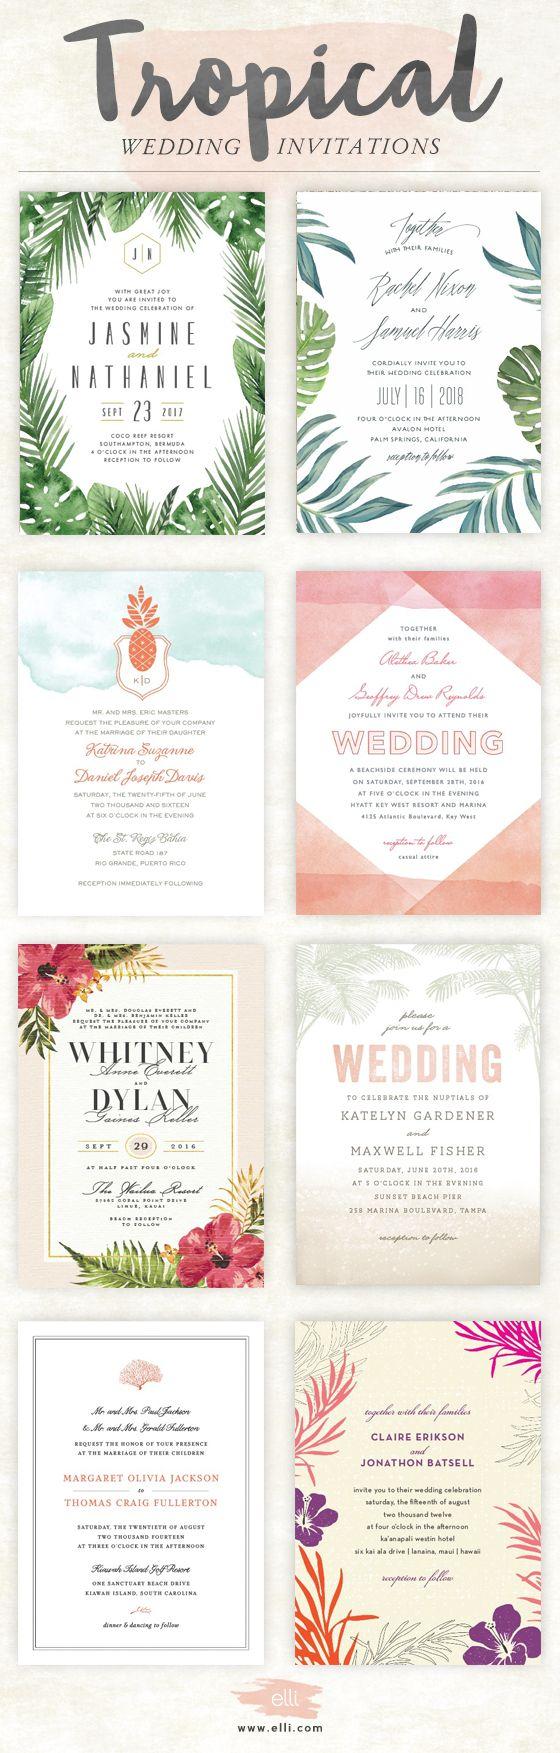 Top tropical themed wedding invitations at Elli.com